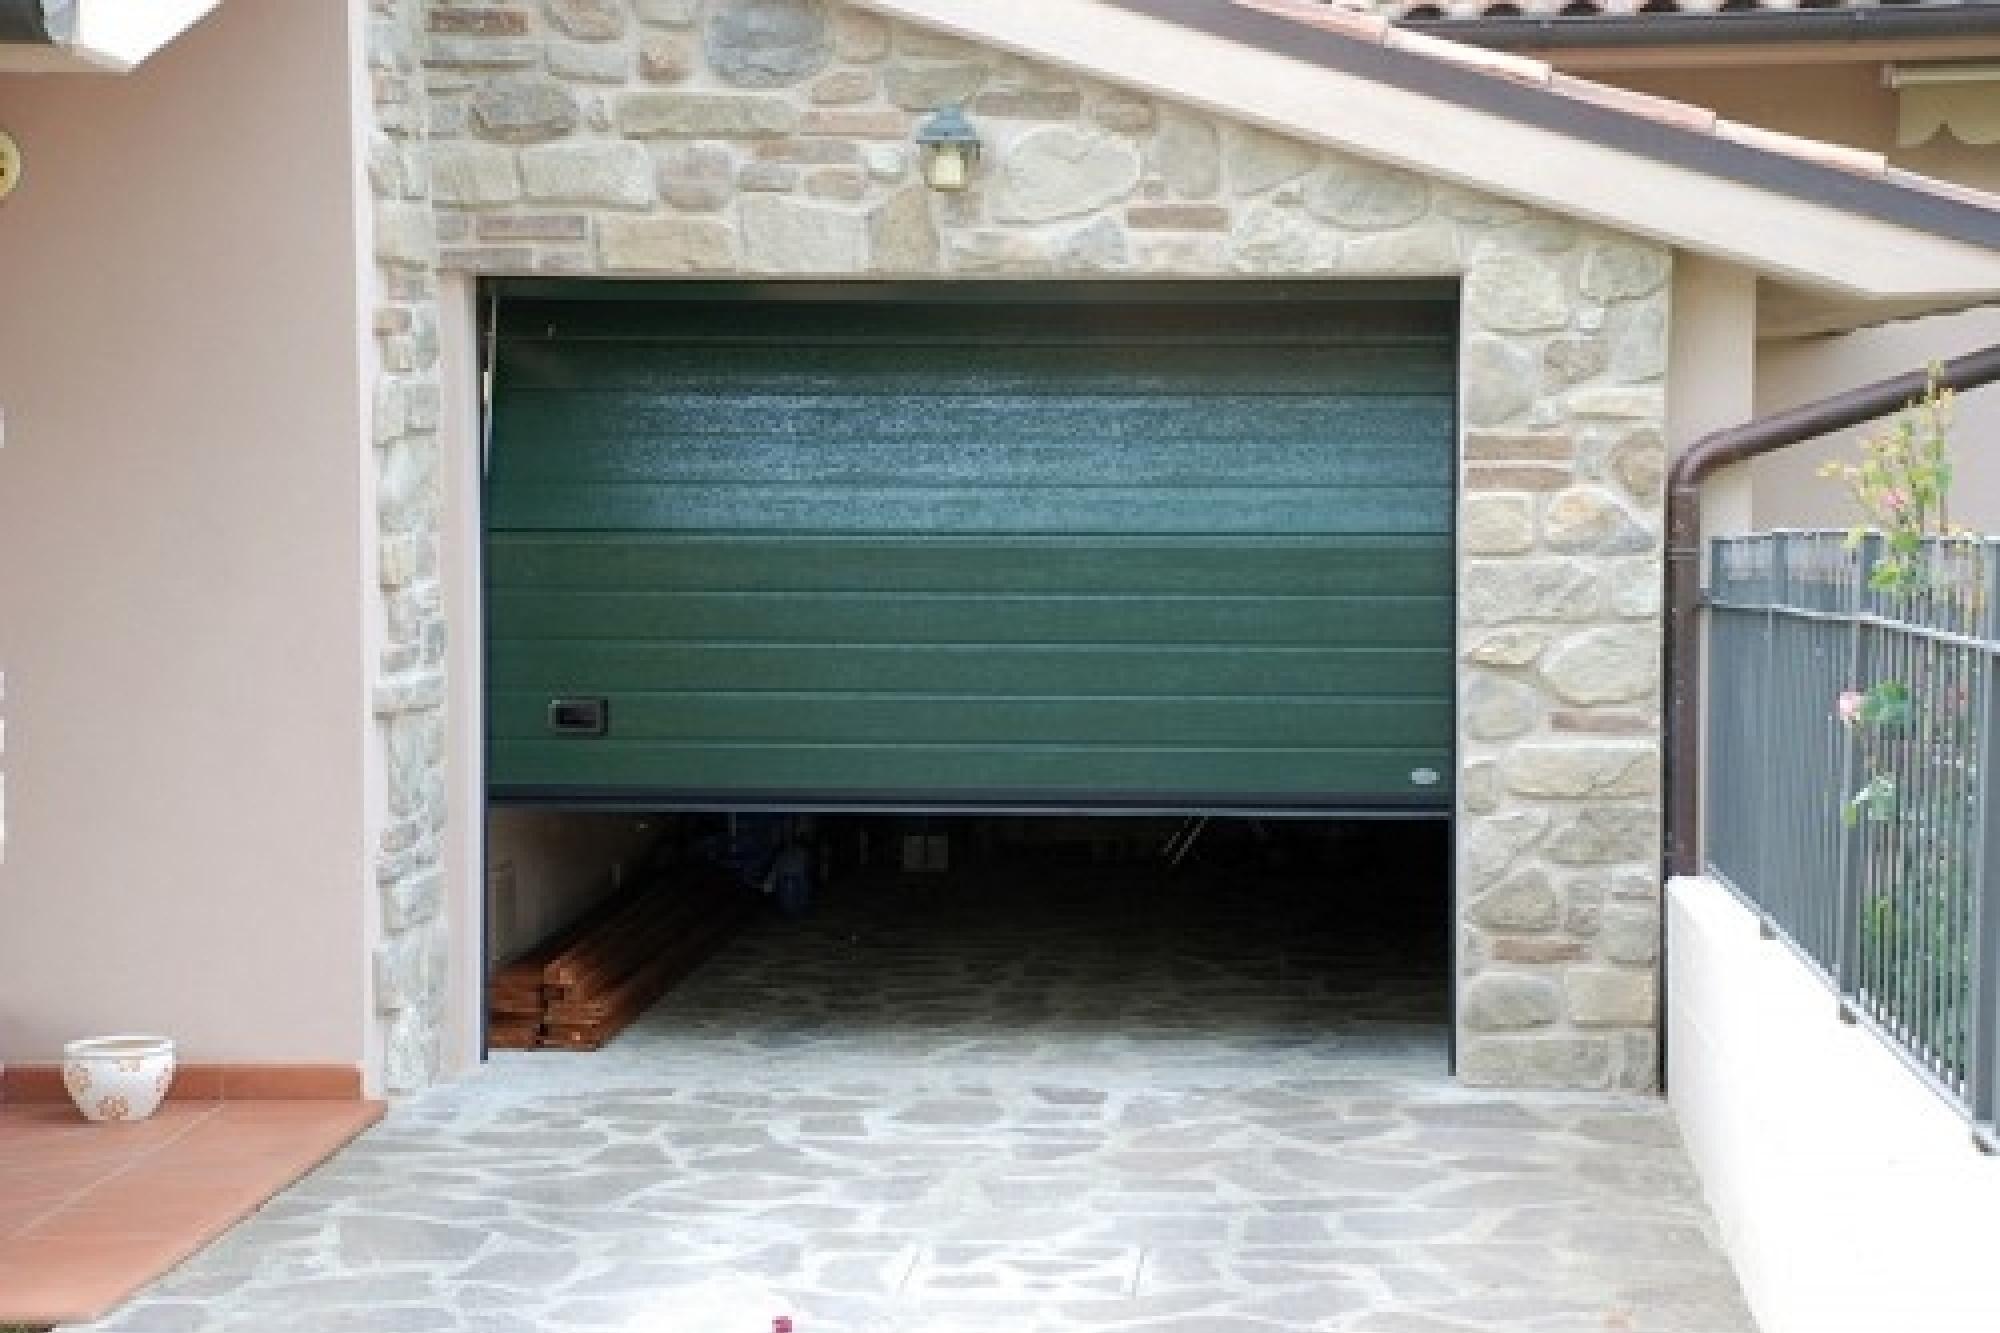 Offerta portone sezionale in acciaio verniciato mod - Porte garage automatiche prezzi ...